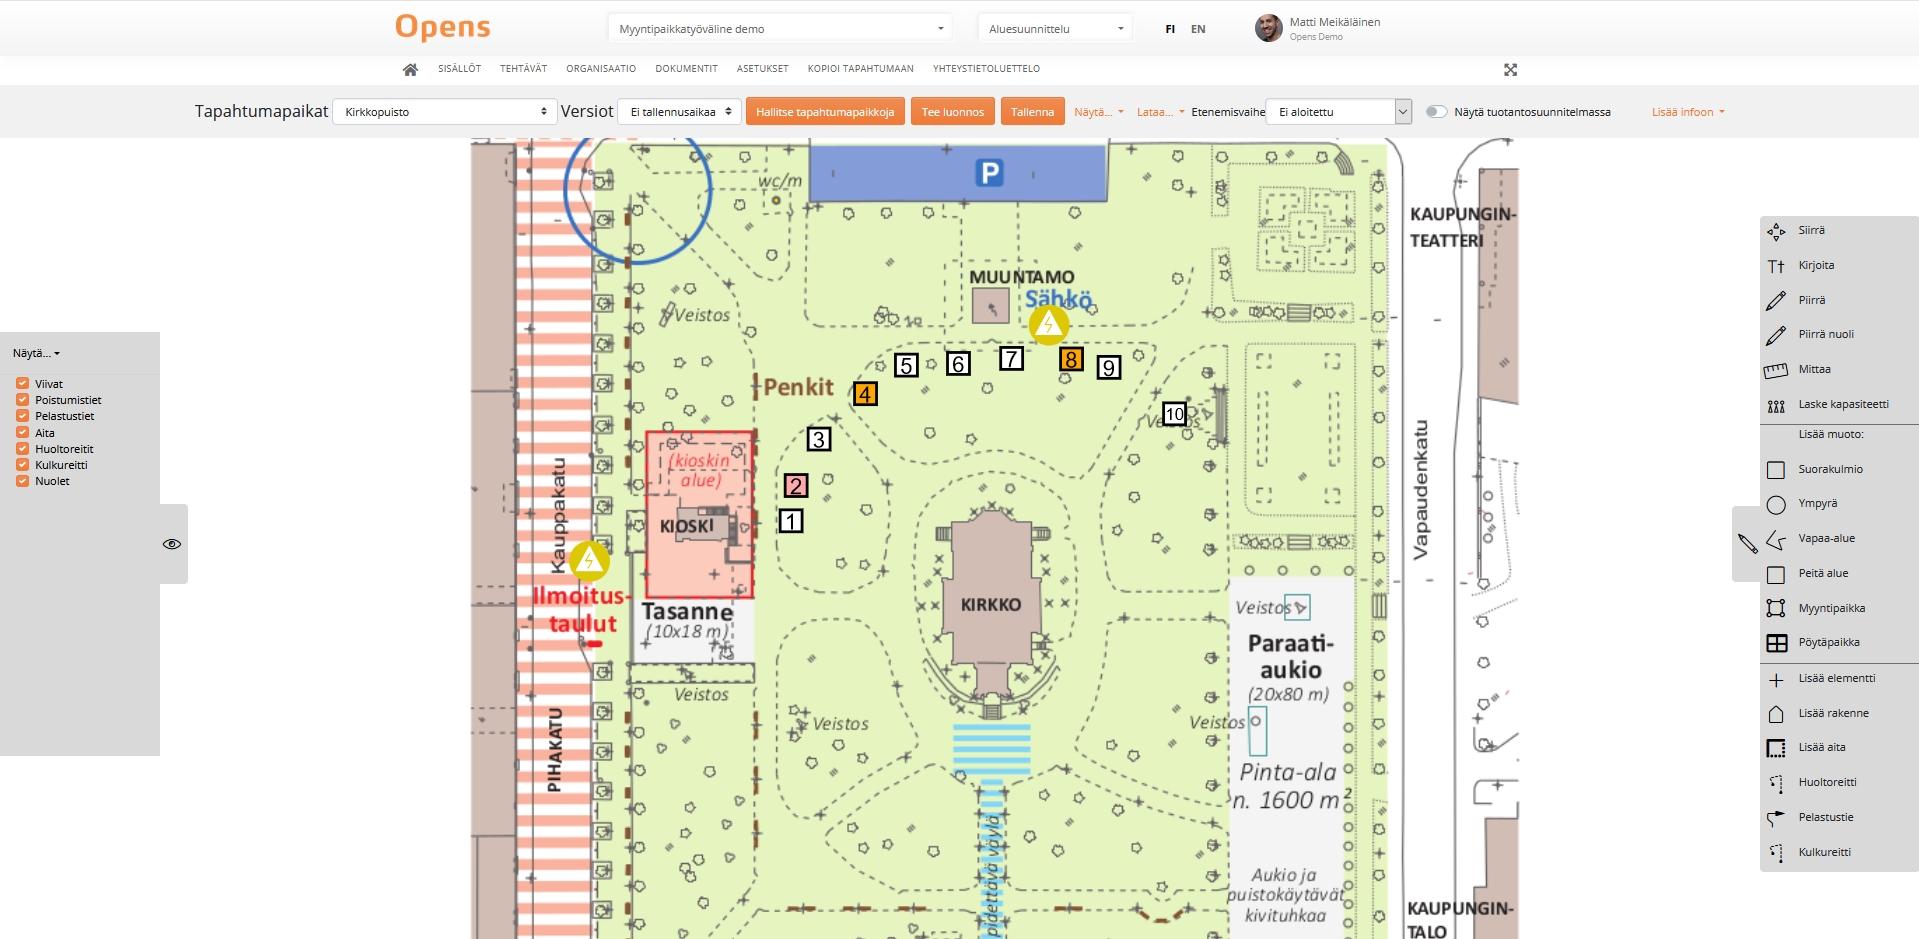 Myyntipaikkojen tekeminen Opensin alue-editorilla: Varaustilanne näkyy suoraan pohjakuvasta.